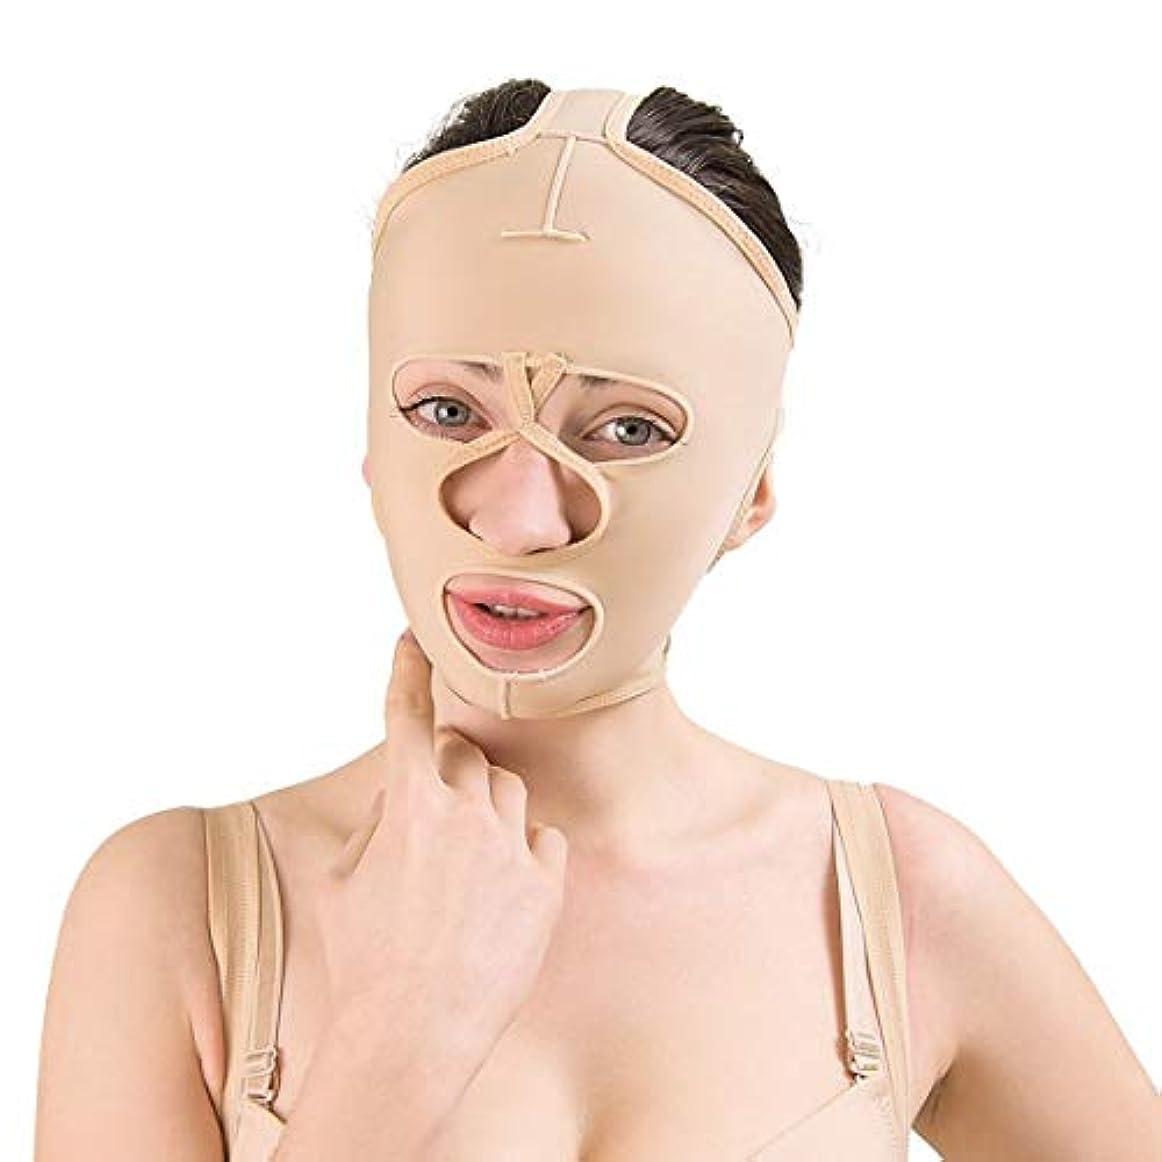 適応的ノイズサーマルZWBD フェイスマスク, フェイスリフト包帯医療弾性スリーブ顔面下顎形成外科術後圧縮下顎スリーブ補助修復マスクしわを削除する (Size : S)